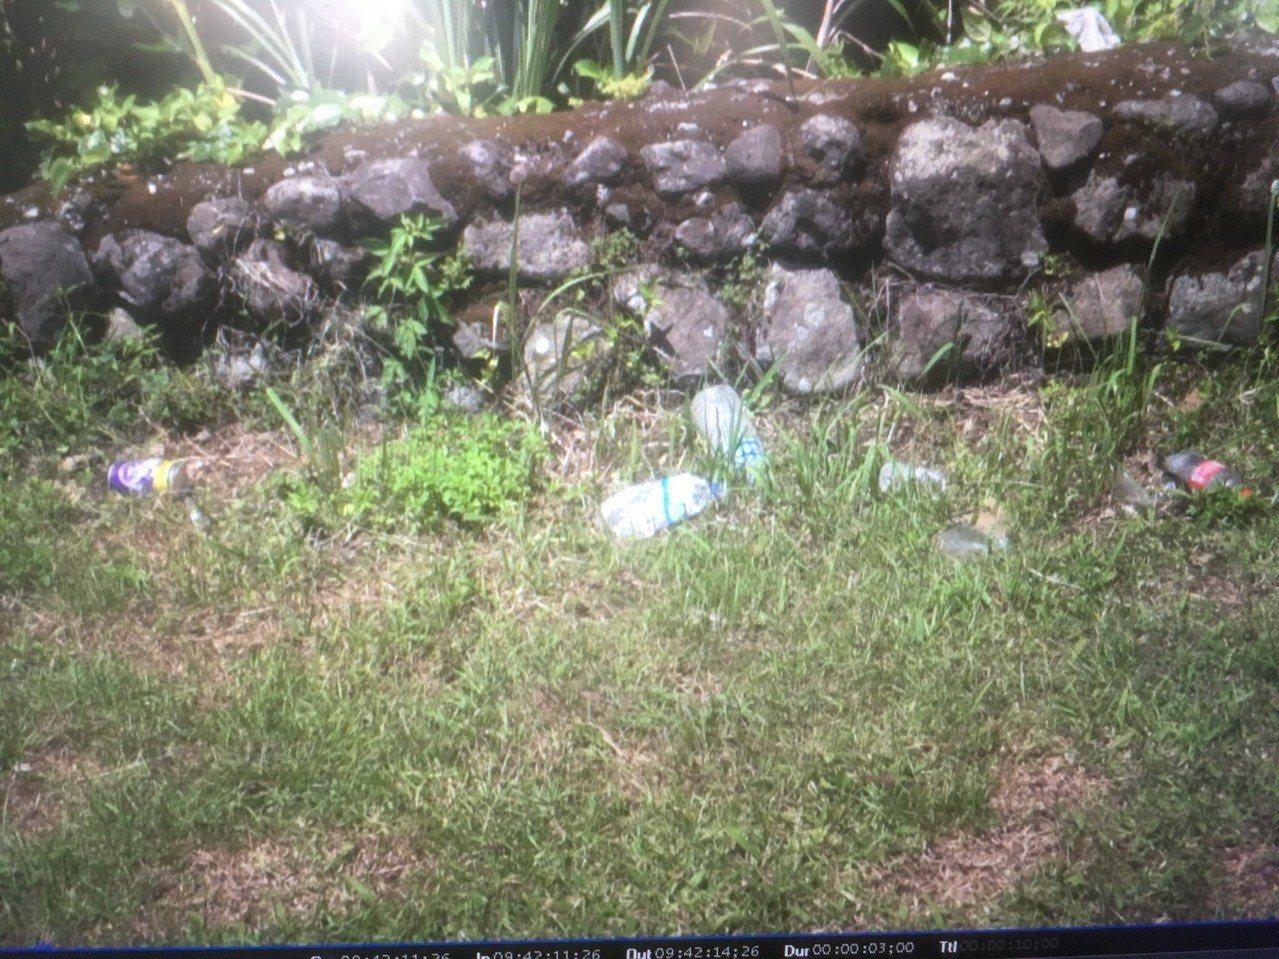 蘭嶼氣象站圍牆下都是遊客亂丟的空瓶罐。圖/讀者提供